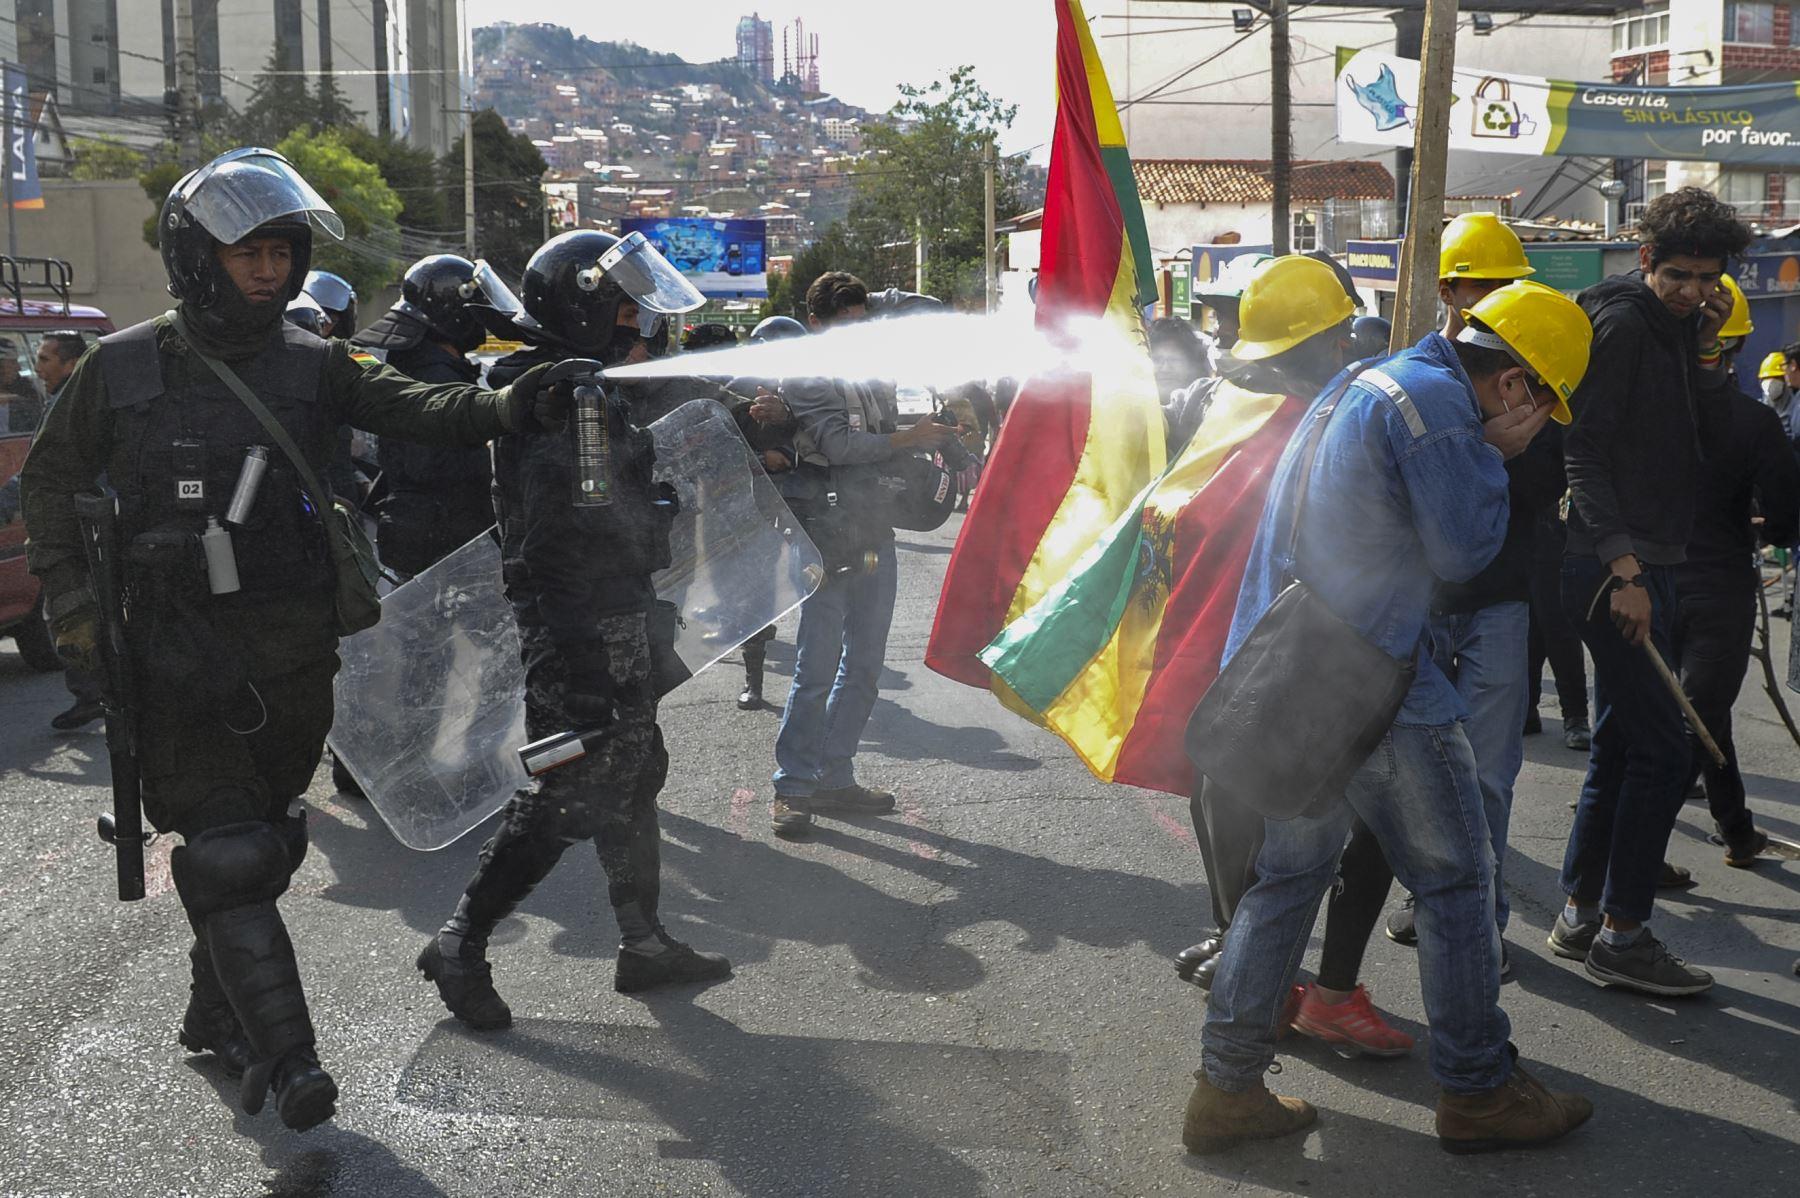 En esta foto de archivo tomada el 4 de noviembre de 2019, la policía antidisturbios dispara gases lacrimógenos para dispersar a las personas que participan en un bloqueo para protestar contra los resultados de las elecciones del 20 de octubre en La Paz. Foto: AFP